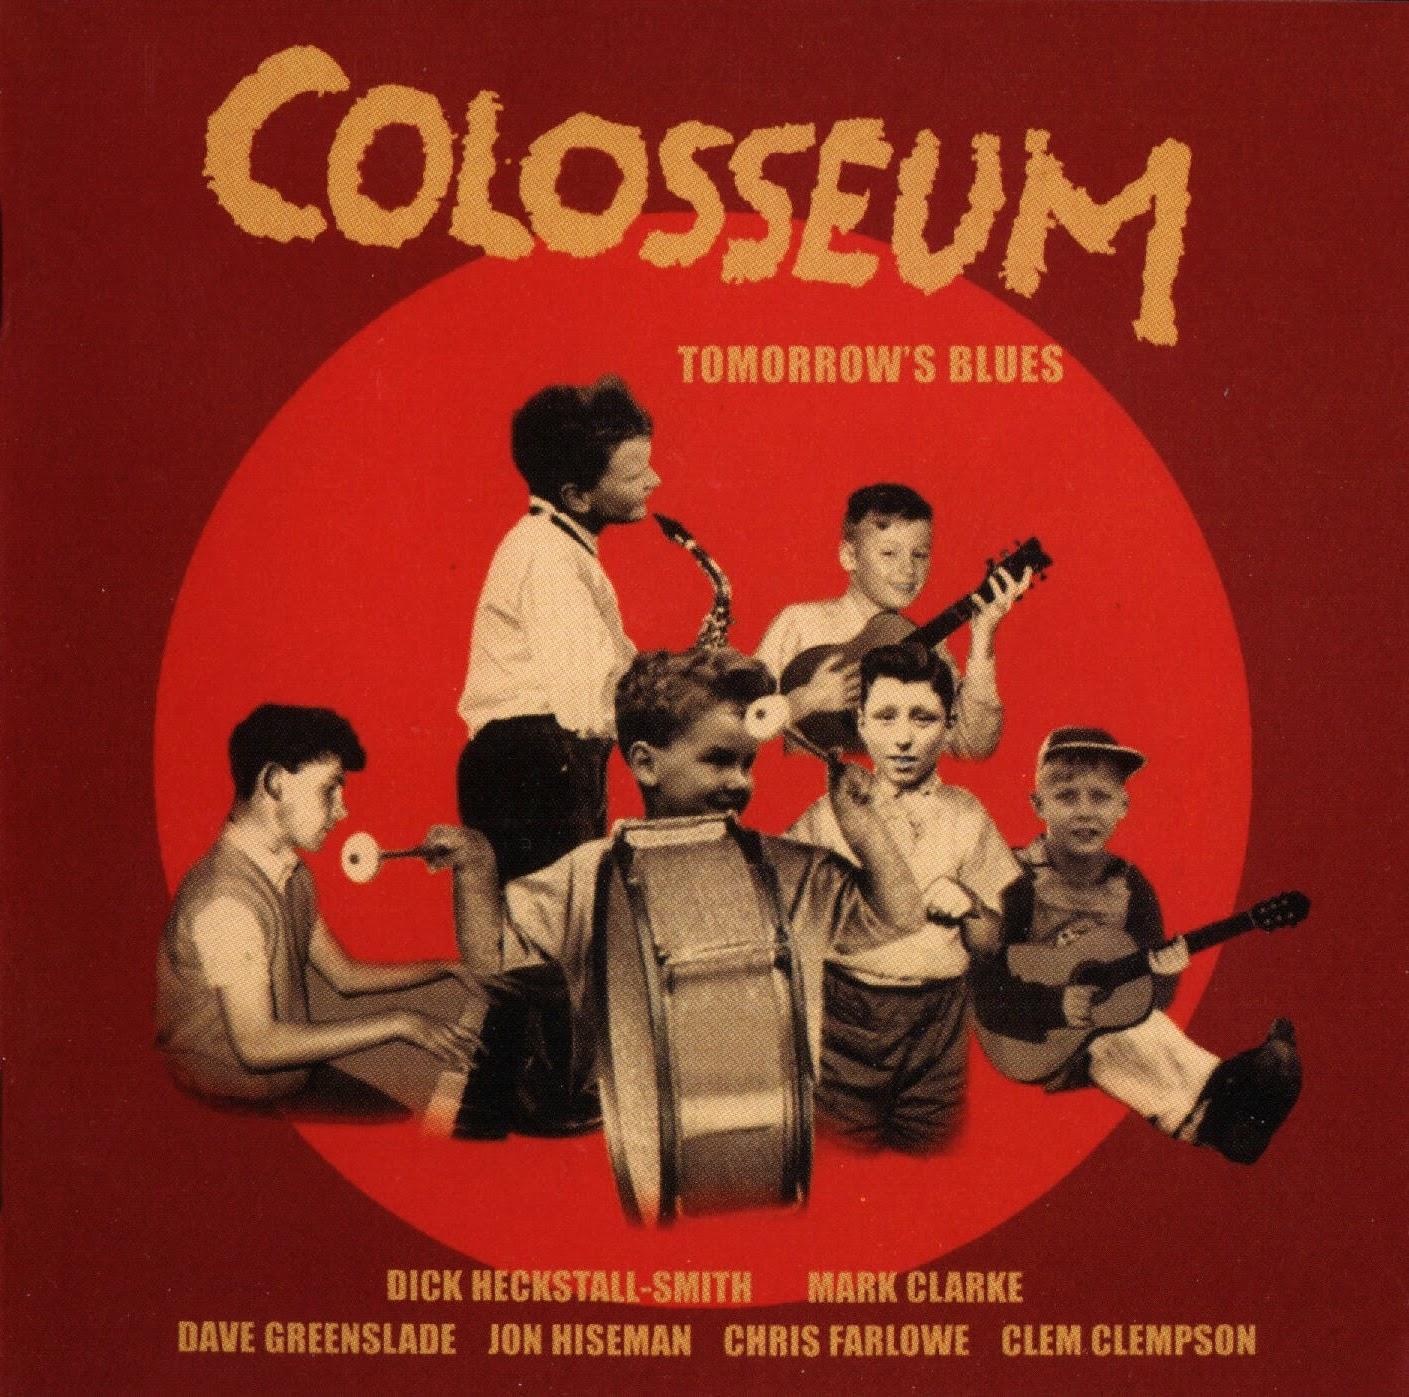 http://krimsonfloyd.blogspot.com/2014/08/colosseum-discografia-3.html